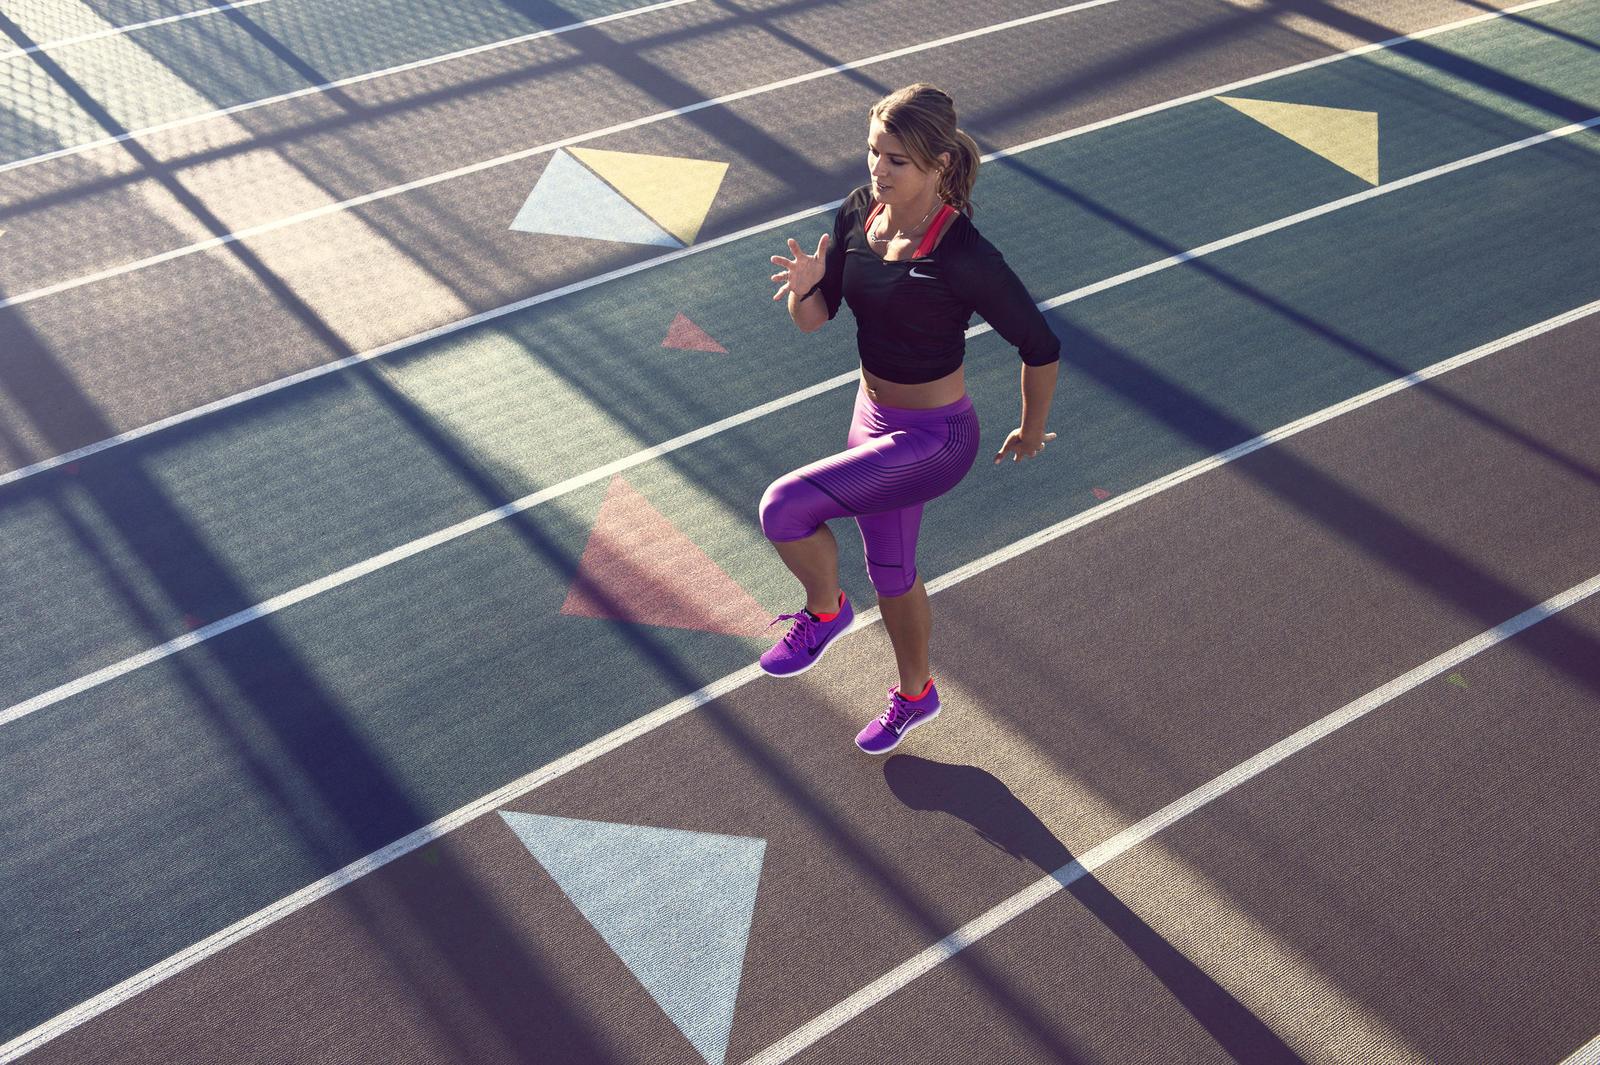 ¿Es más sano hablar mientras corres?